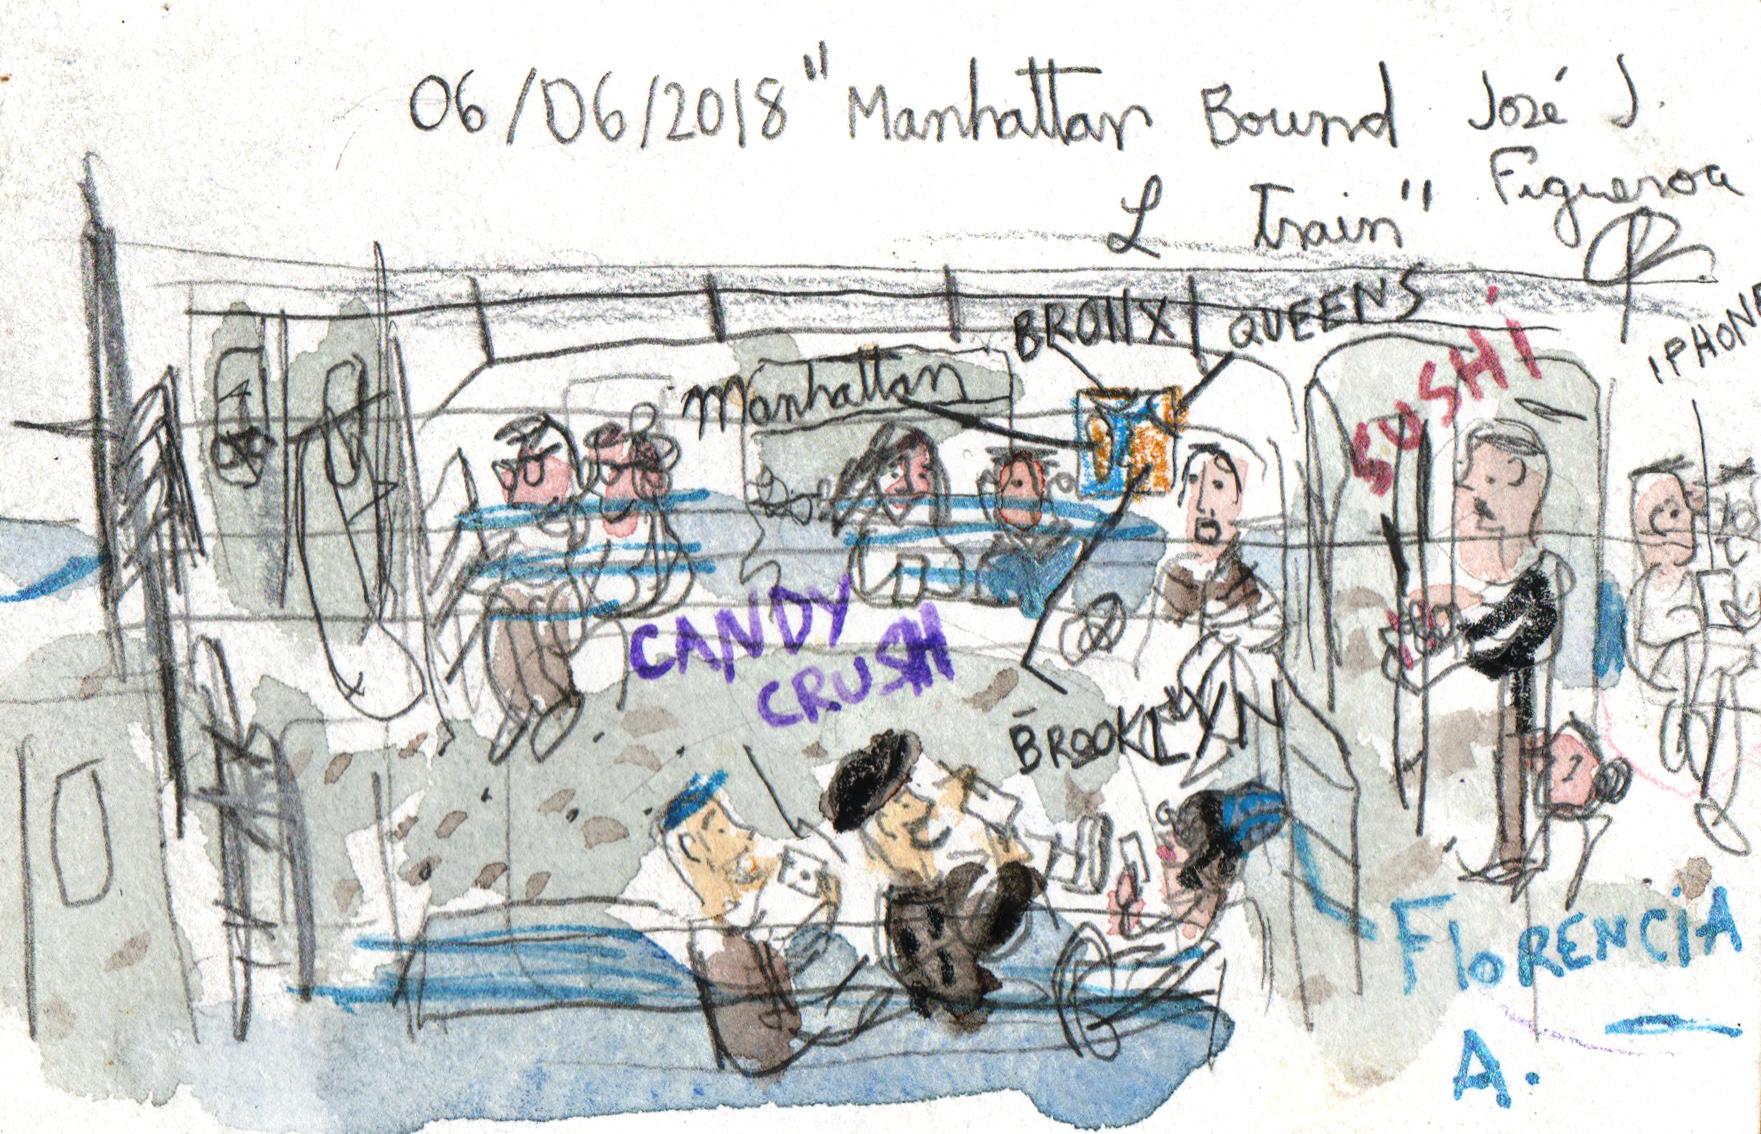 06-06-2018 manhattan bound l train